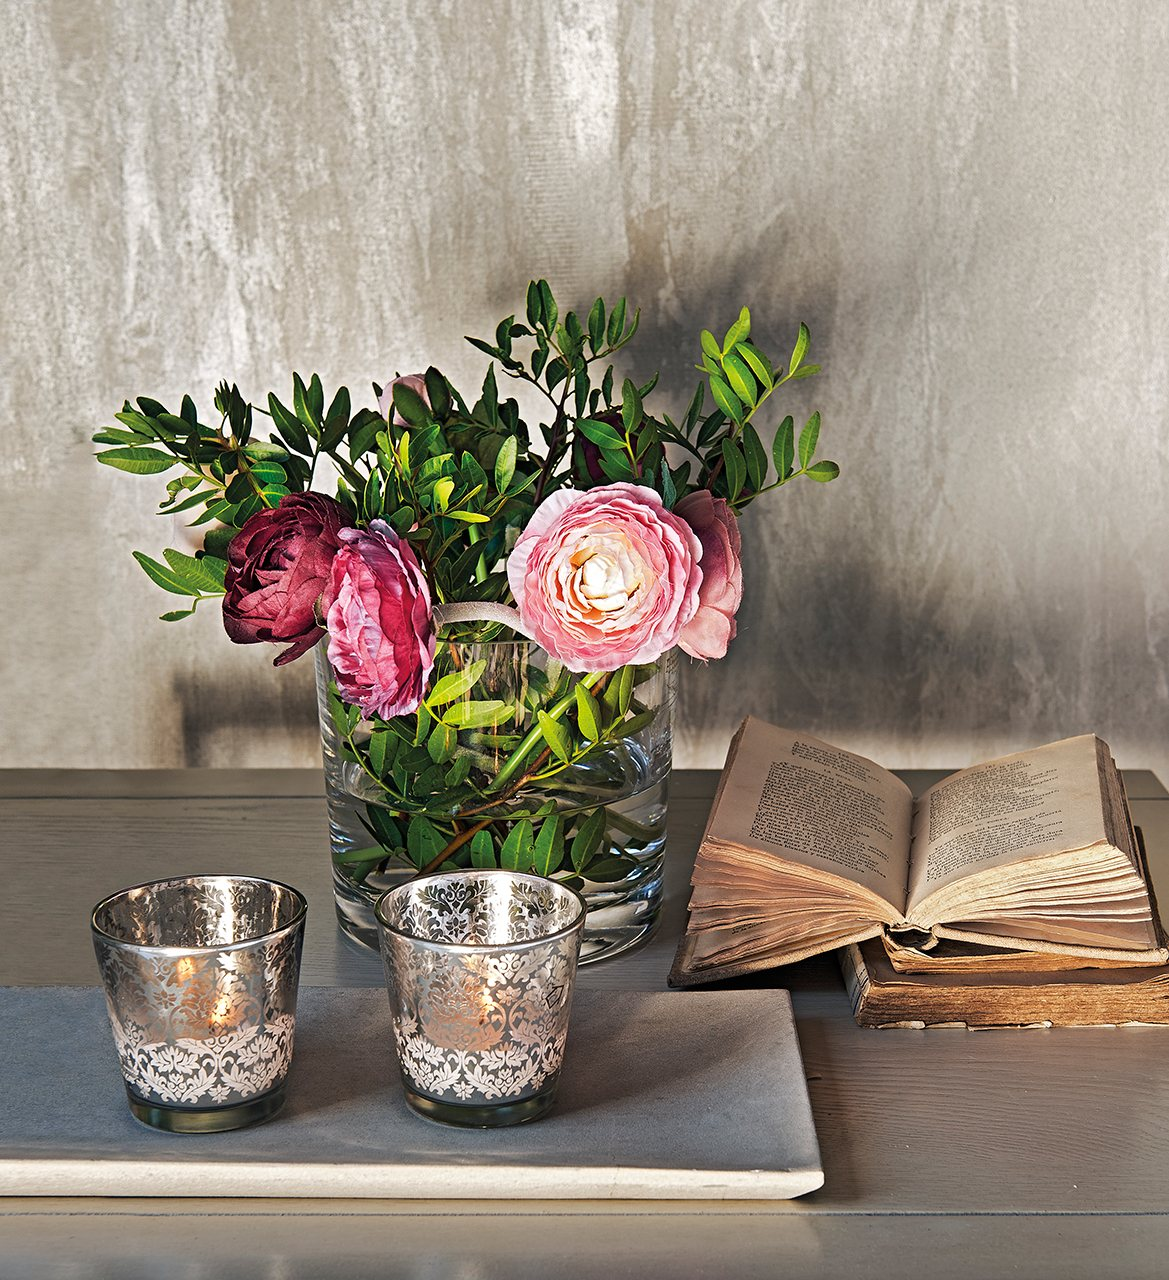 свечи, книга, ваза с цветами